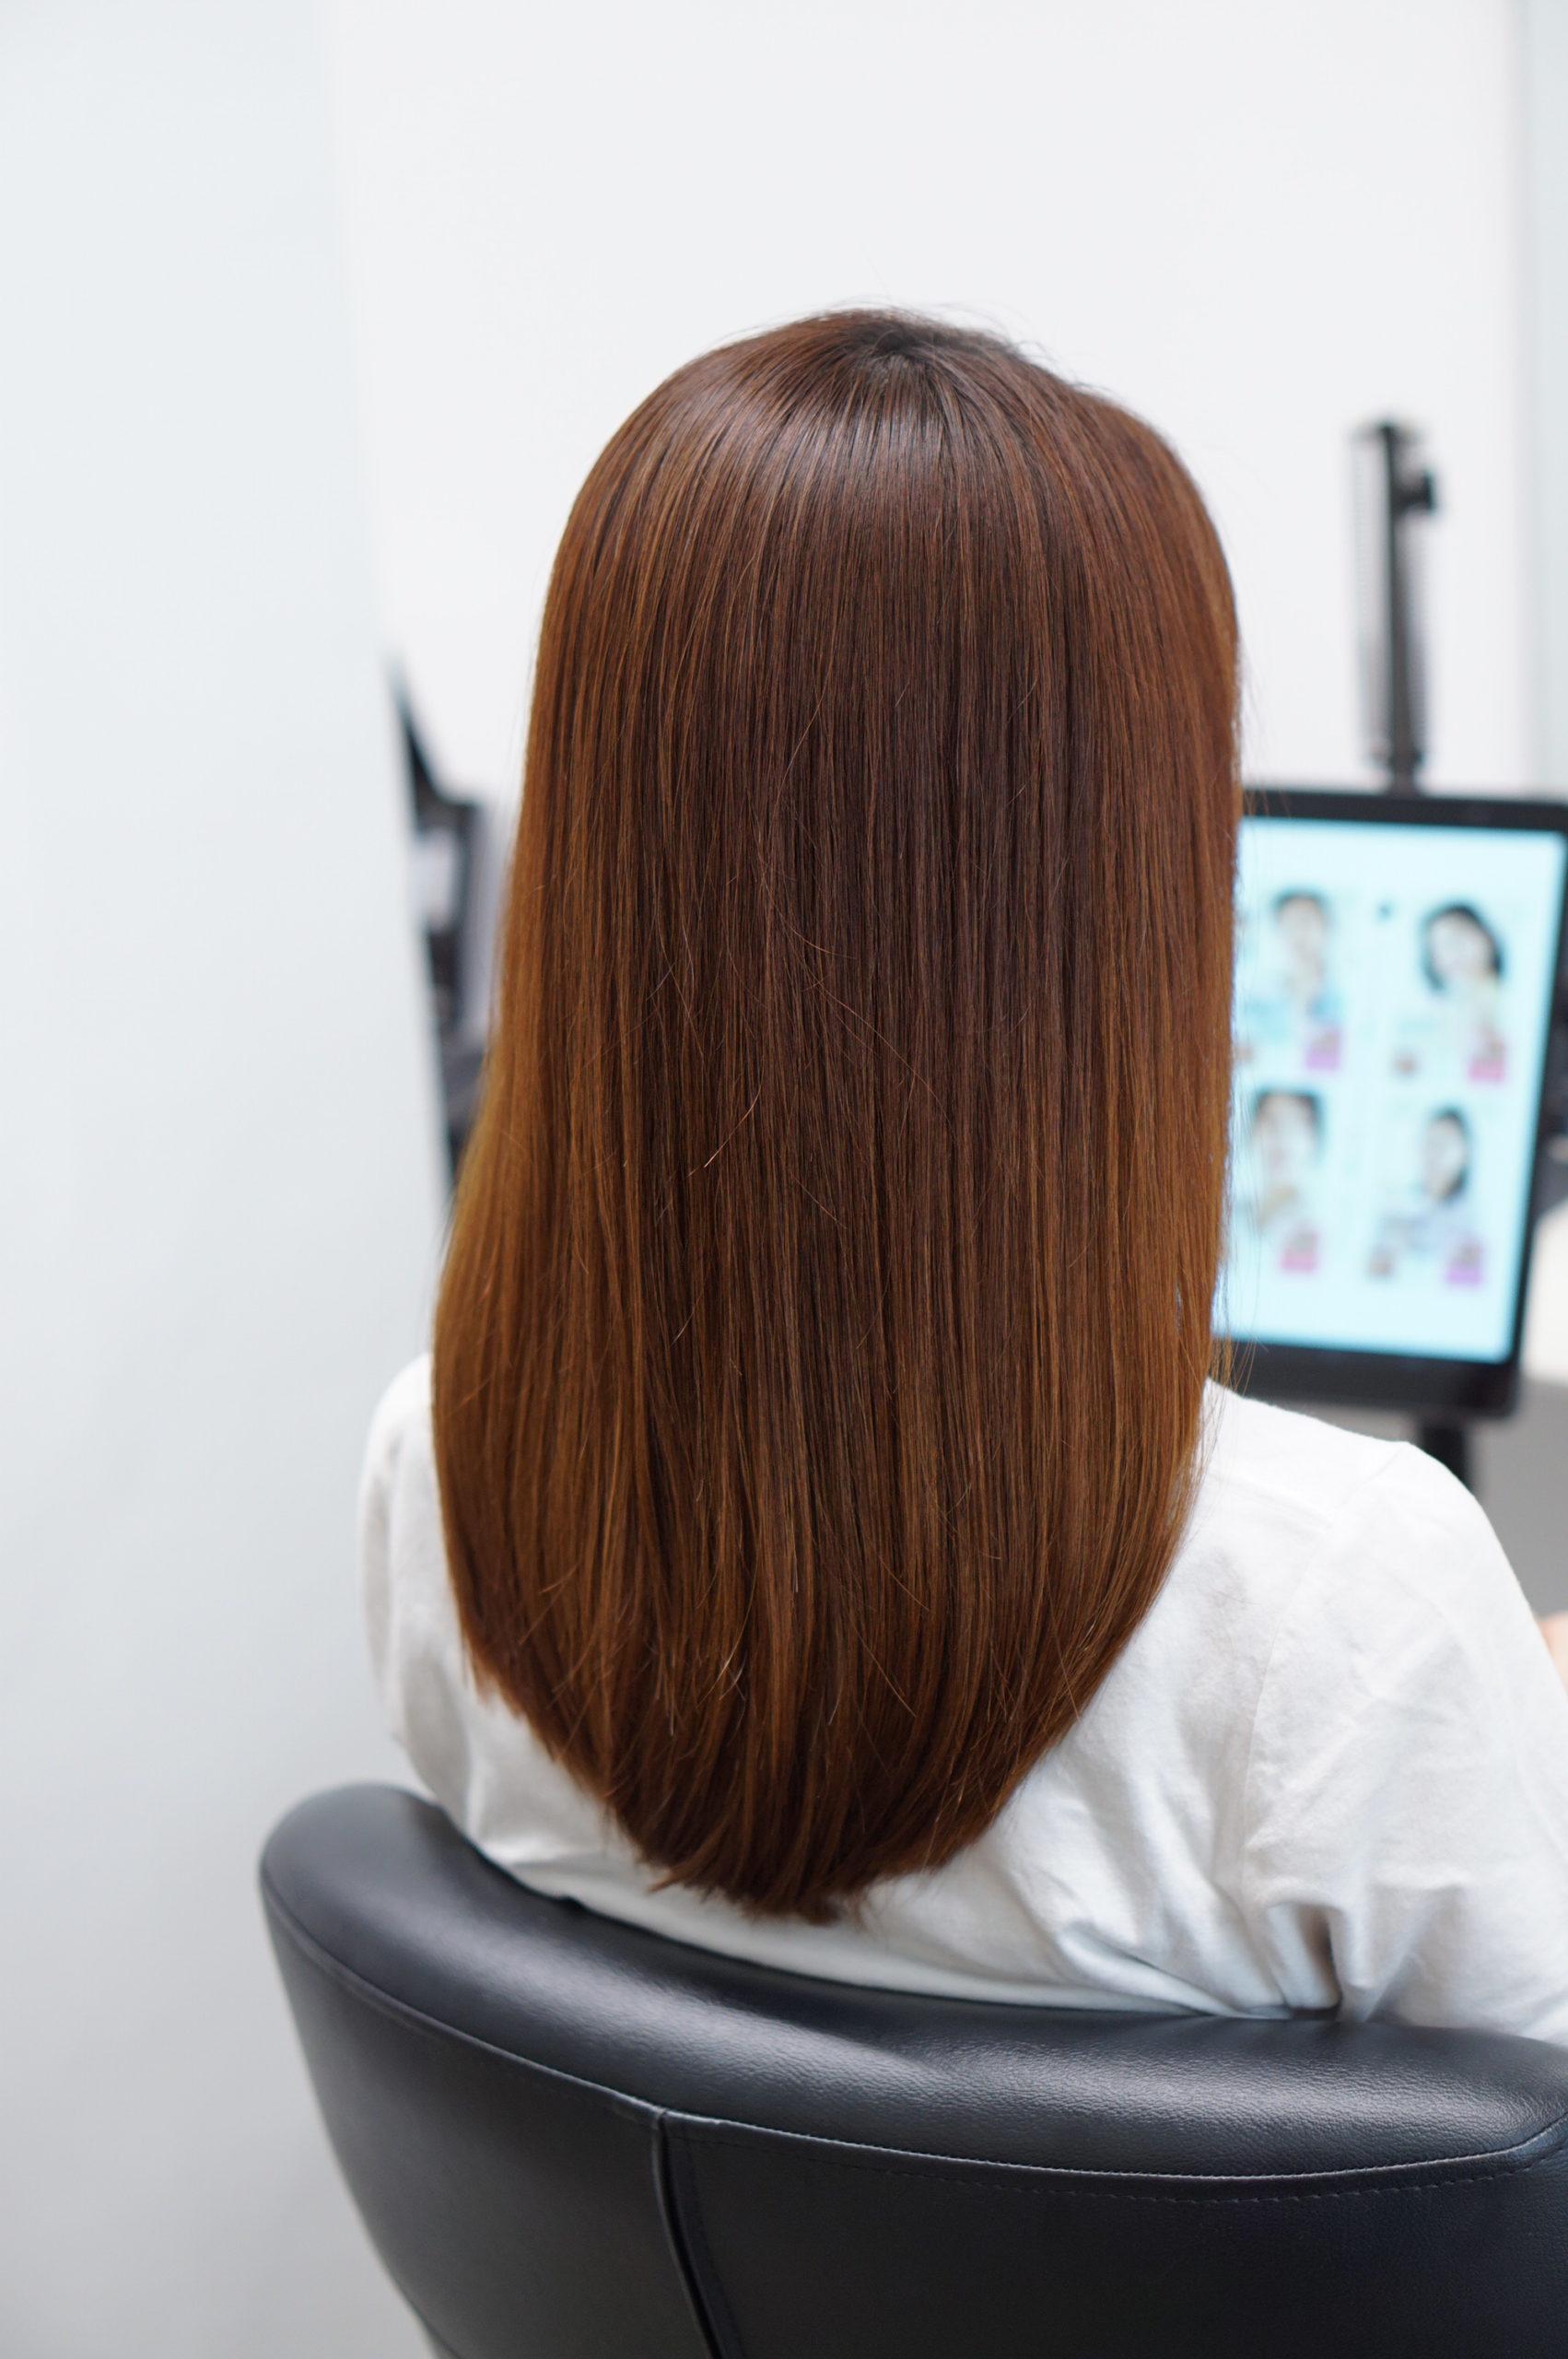 髪がきれいな女性